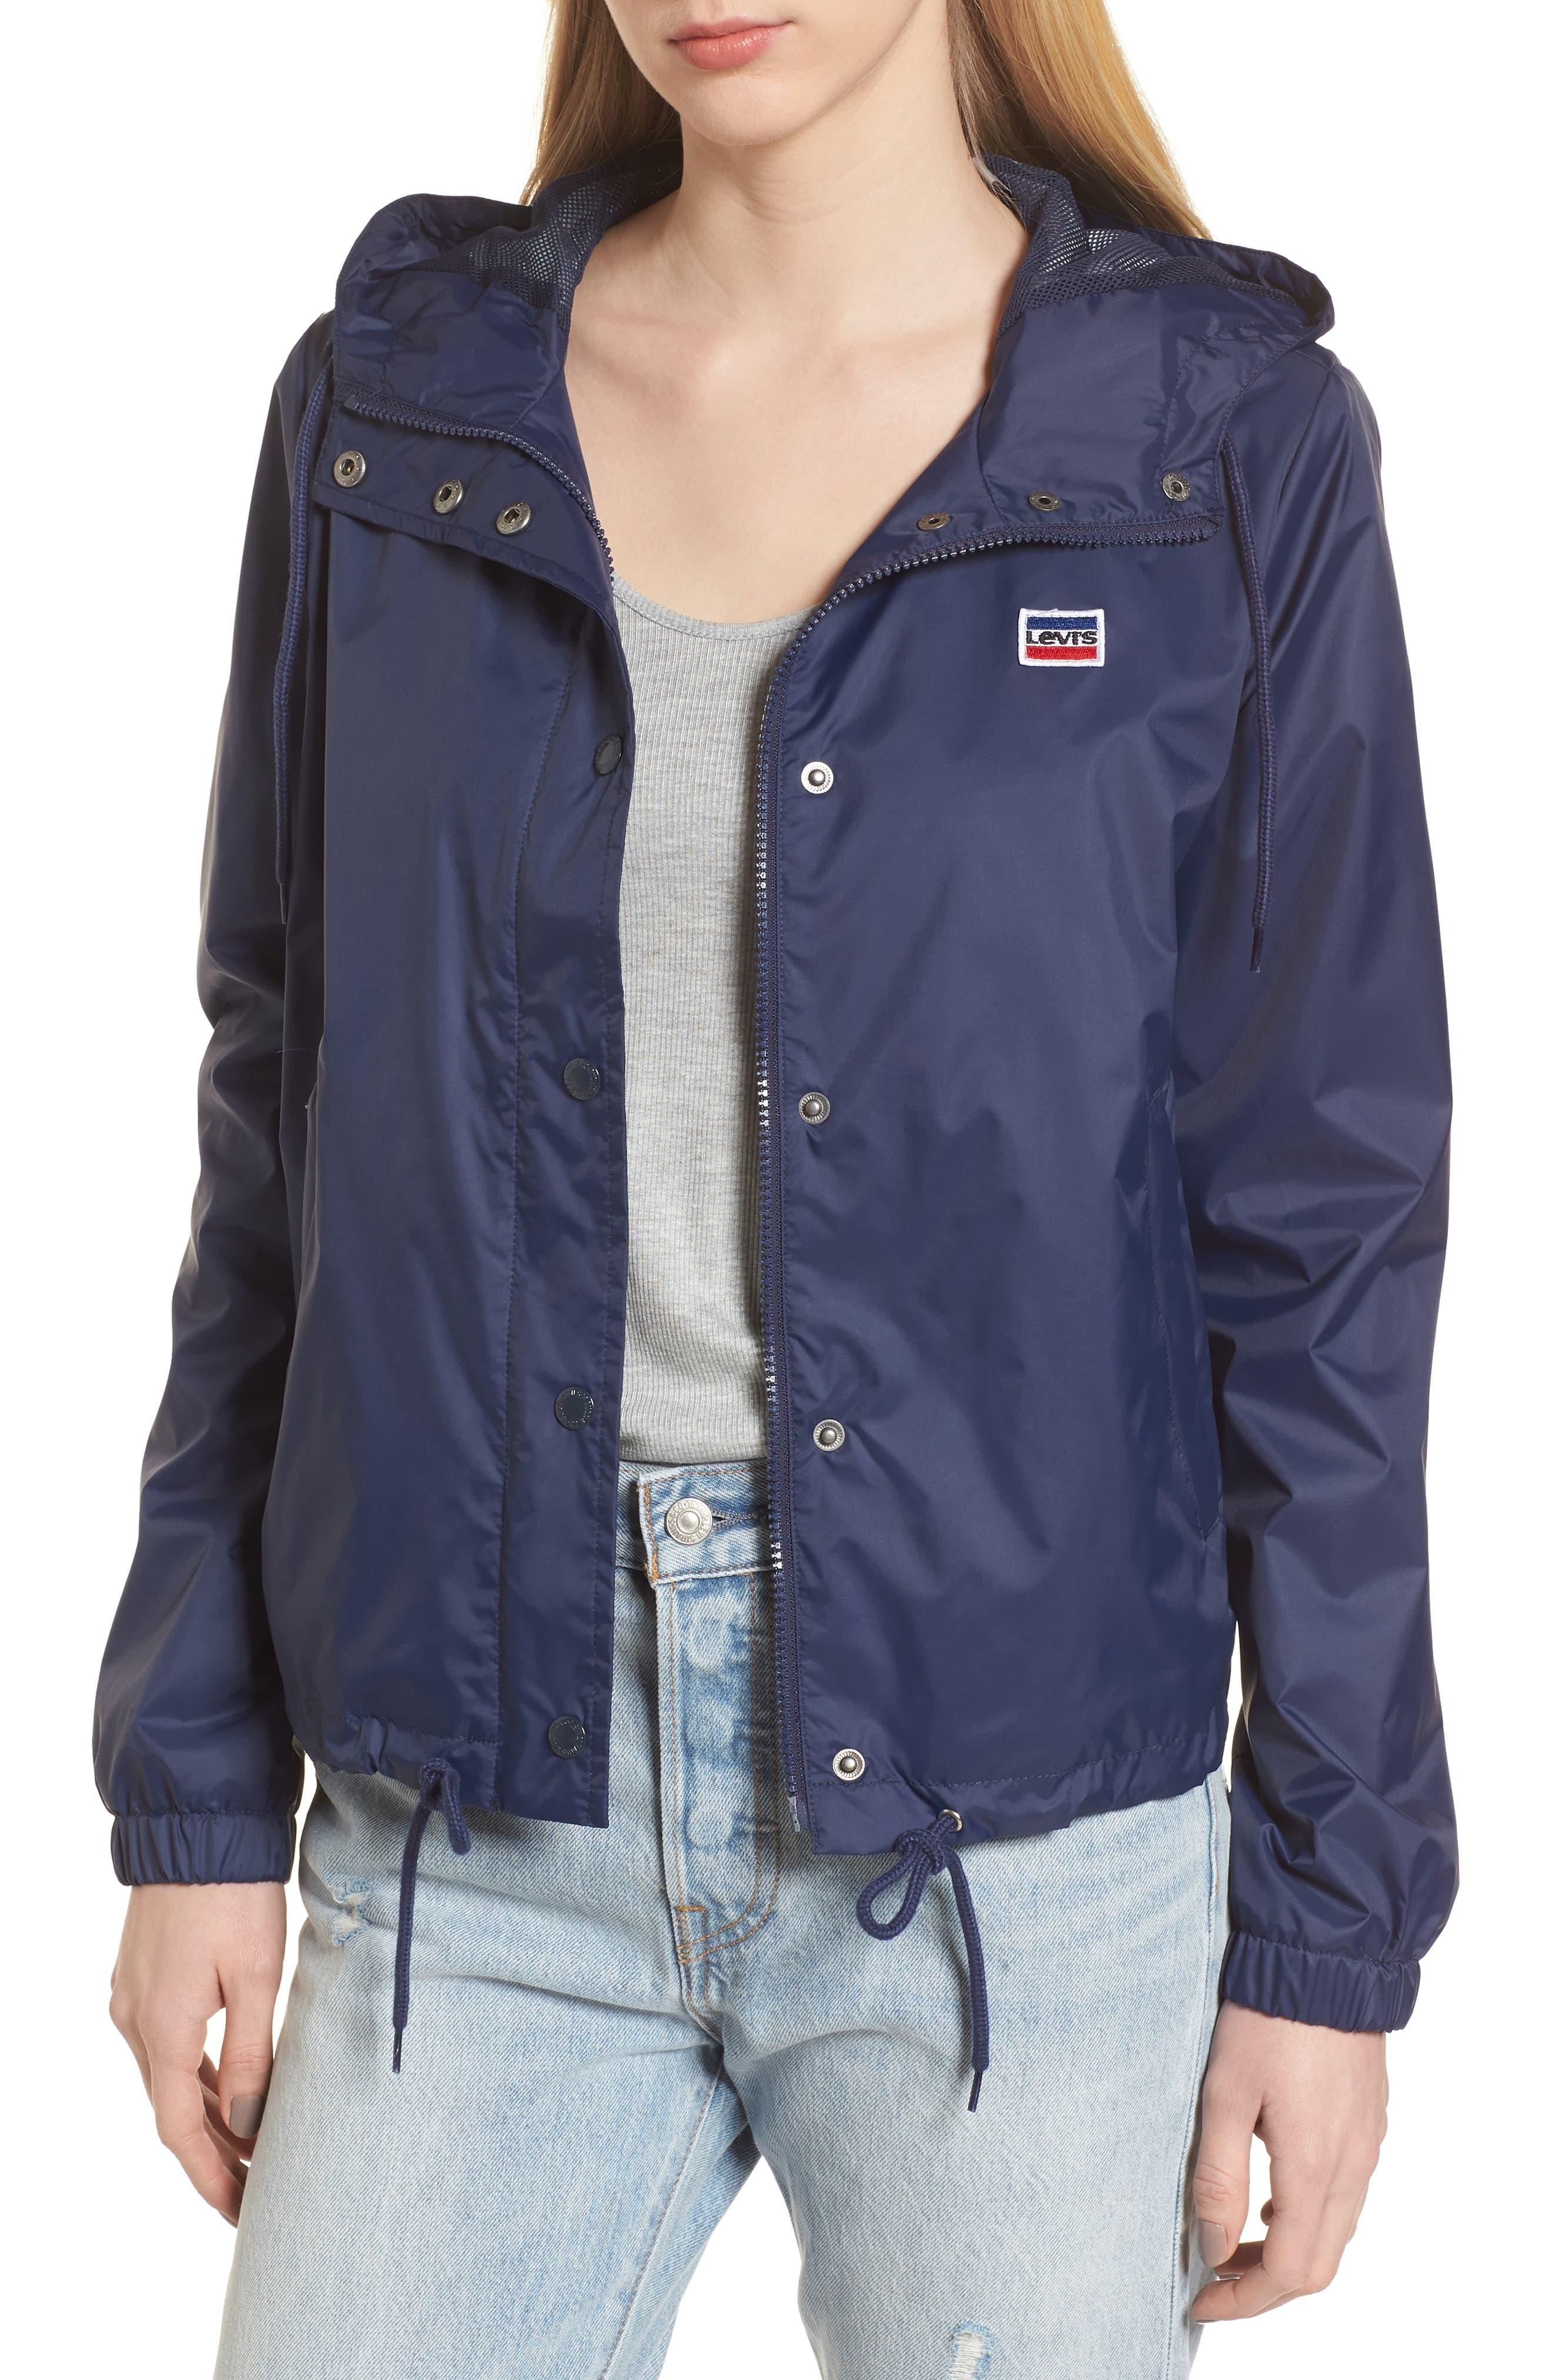 Retro Hooded Coach's Jacket,                             Main thumbnail 1, color,                             Navy